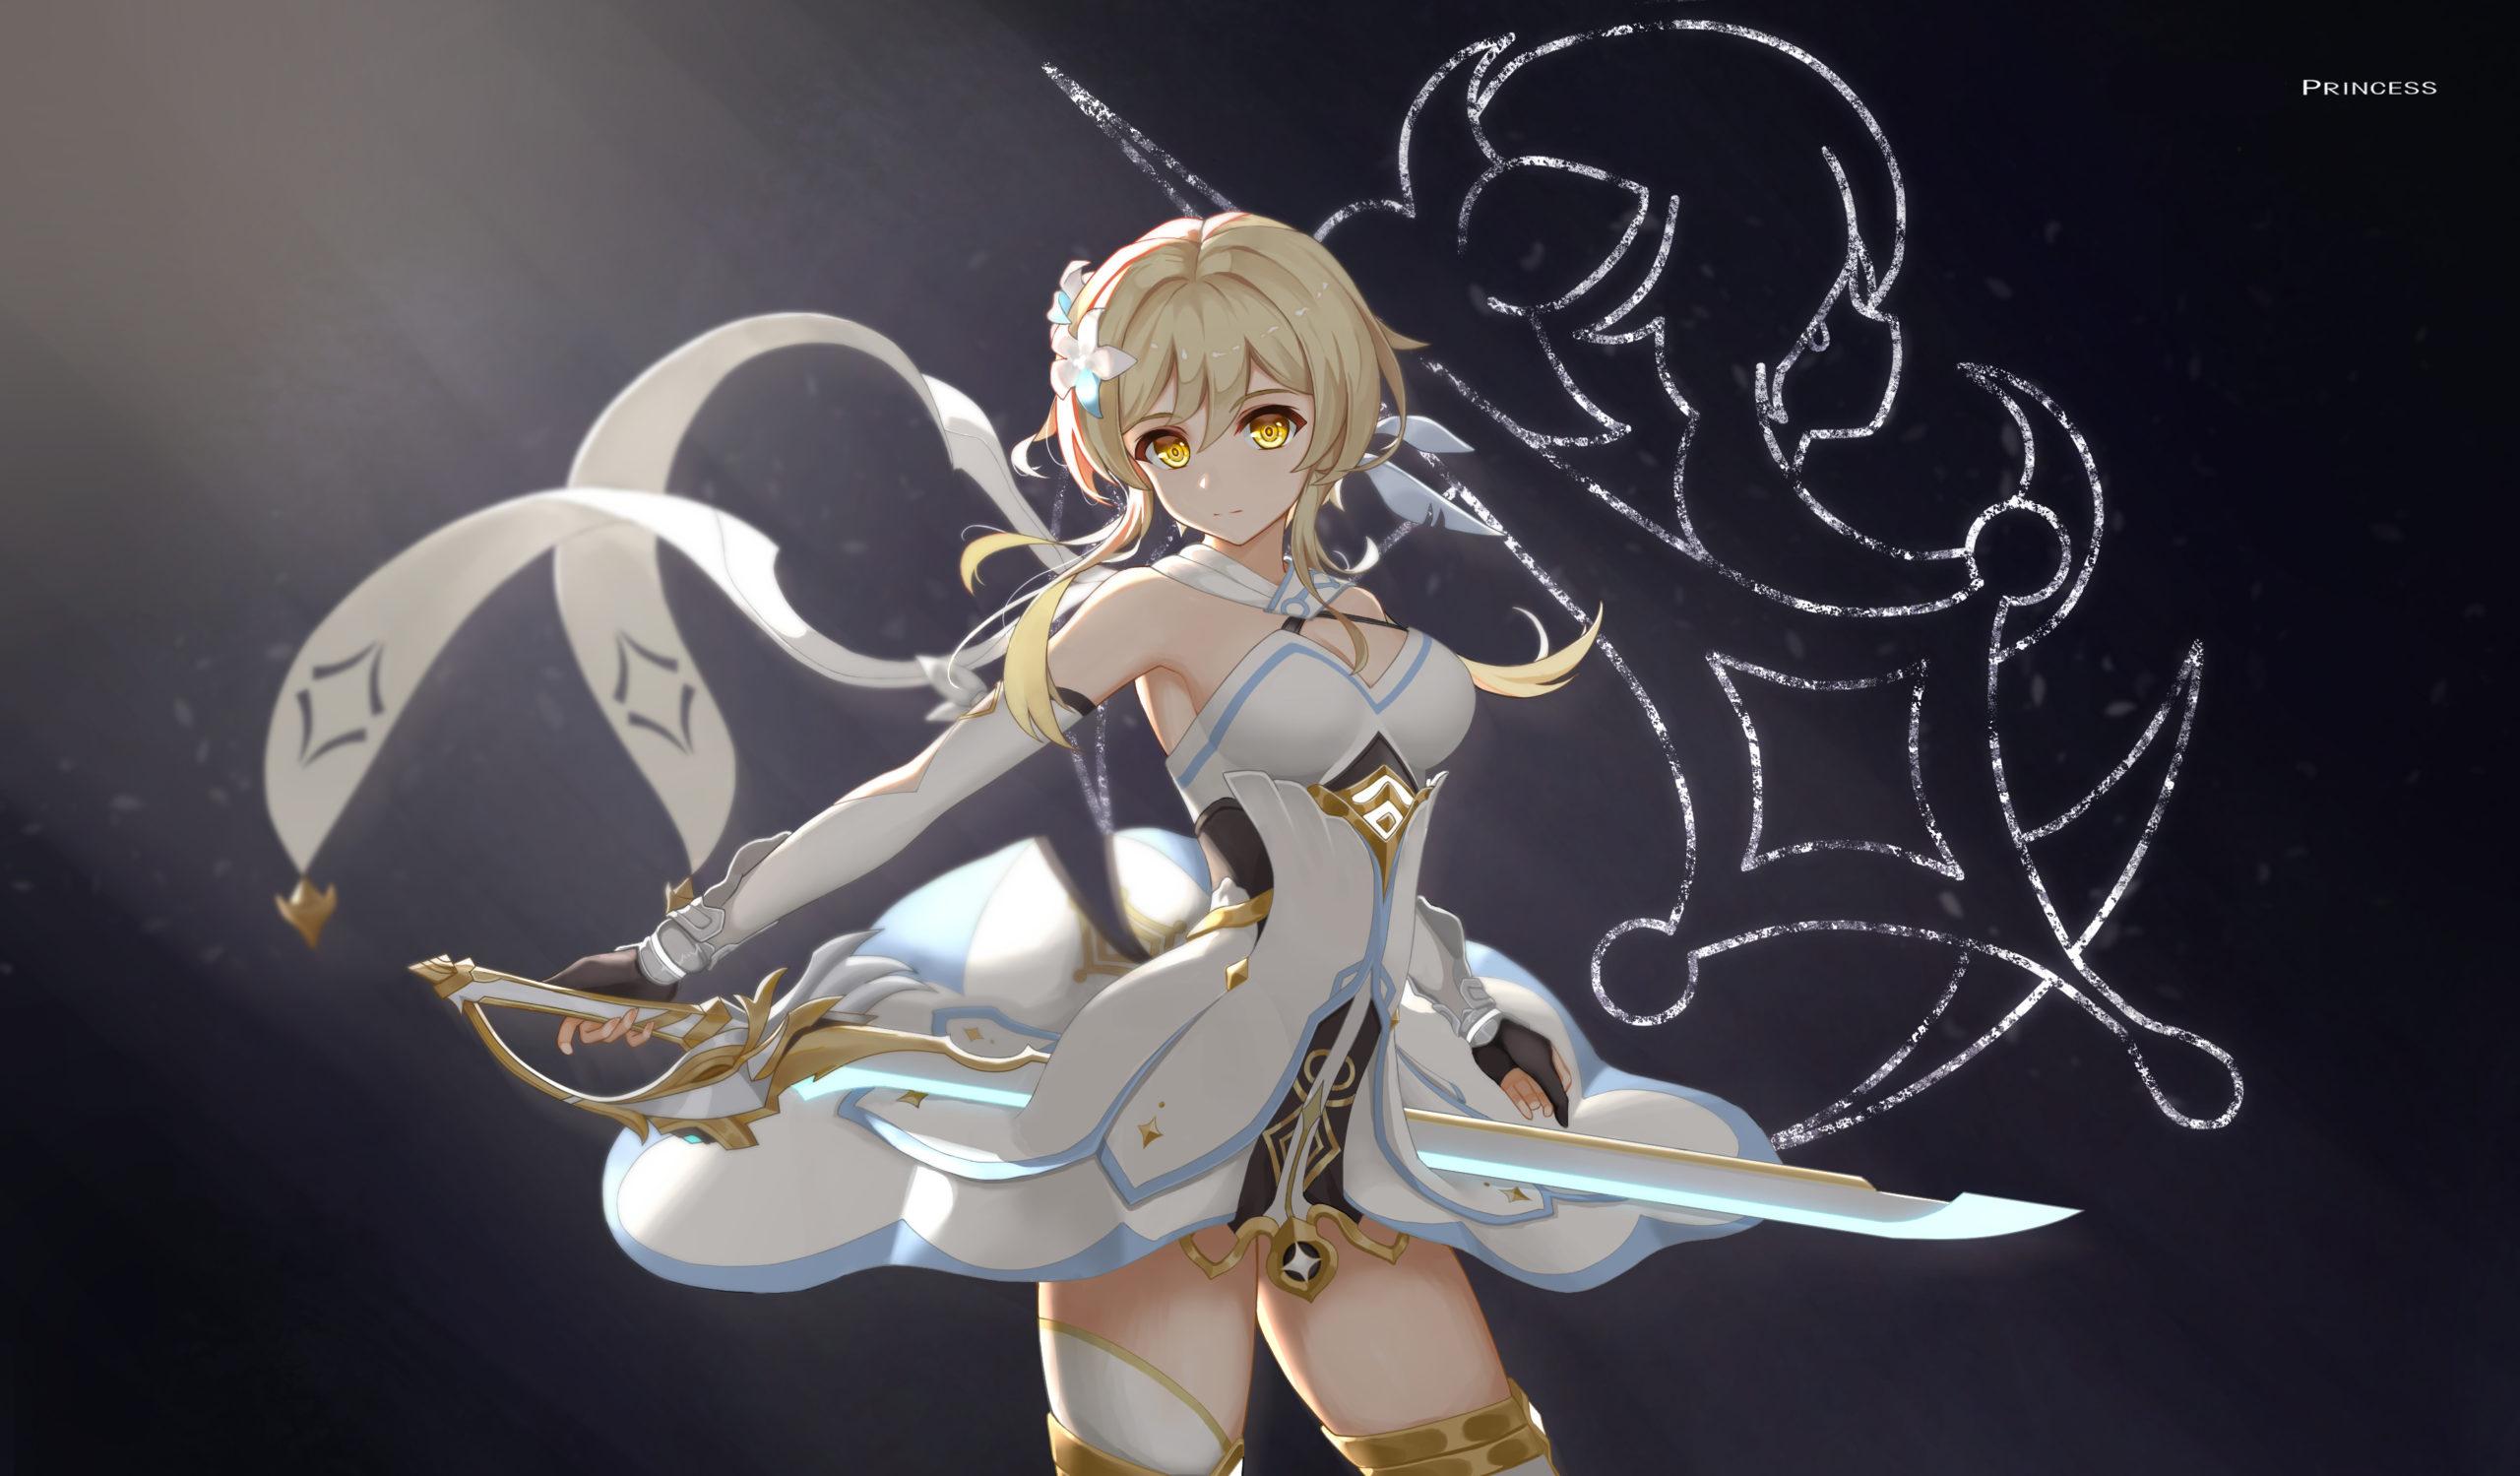 Genshin Impact 2.0   New Inazuma Character Yoimiya   Release Date, Gameplay, Weapons, Skills...